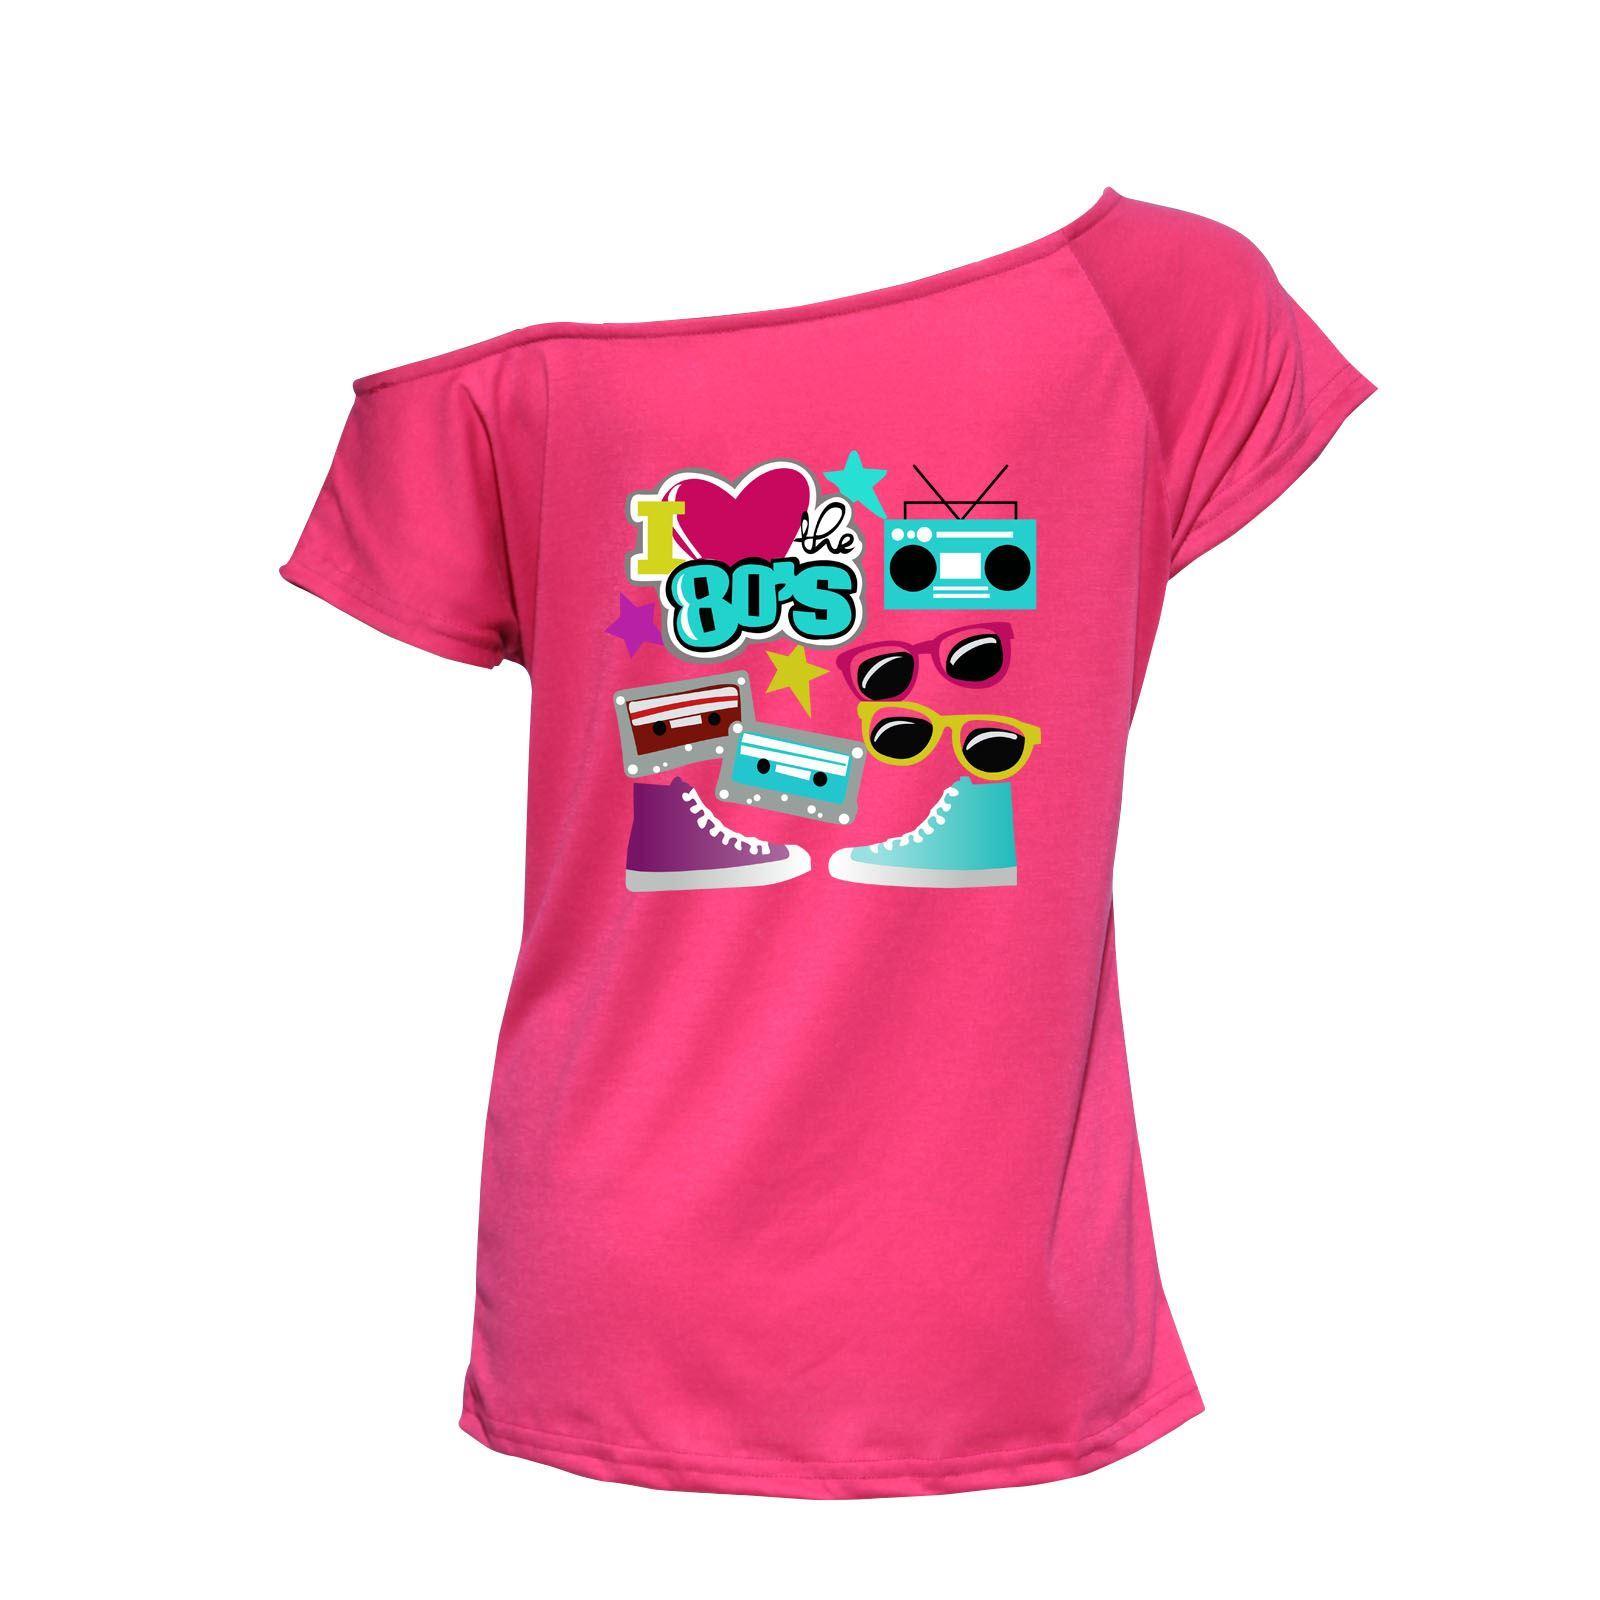 Vestido-Casual-el-80s-Top-senoras-me-Love-Fiesta-Elegante-Wear-Discoteca-Camiseta-6021754